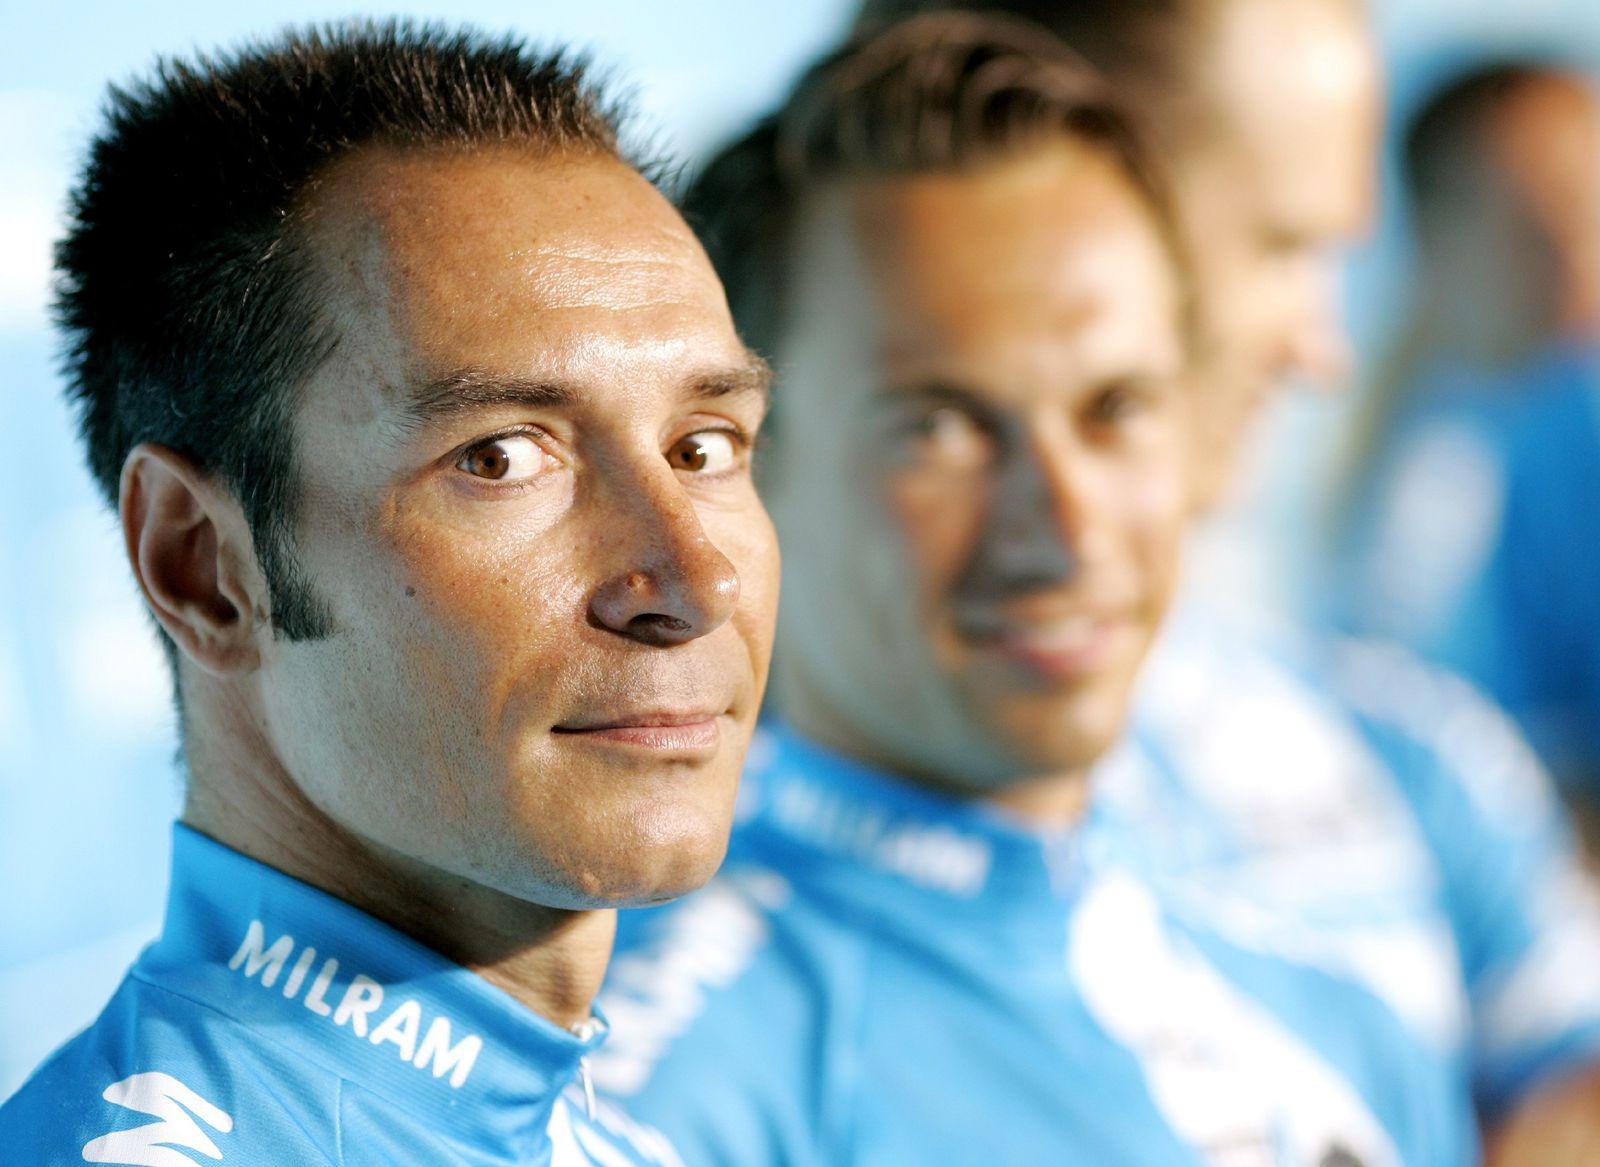 Zabel tritt zurück - Letztes Rennen am 3. Oktober in Münster